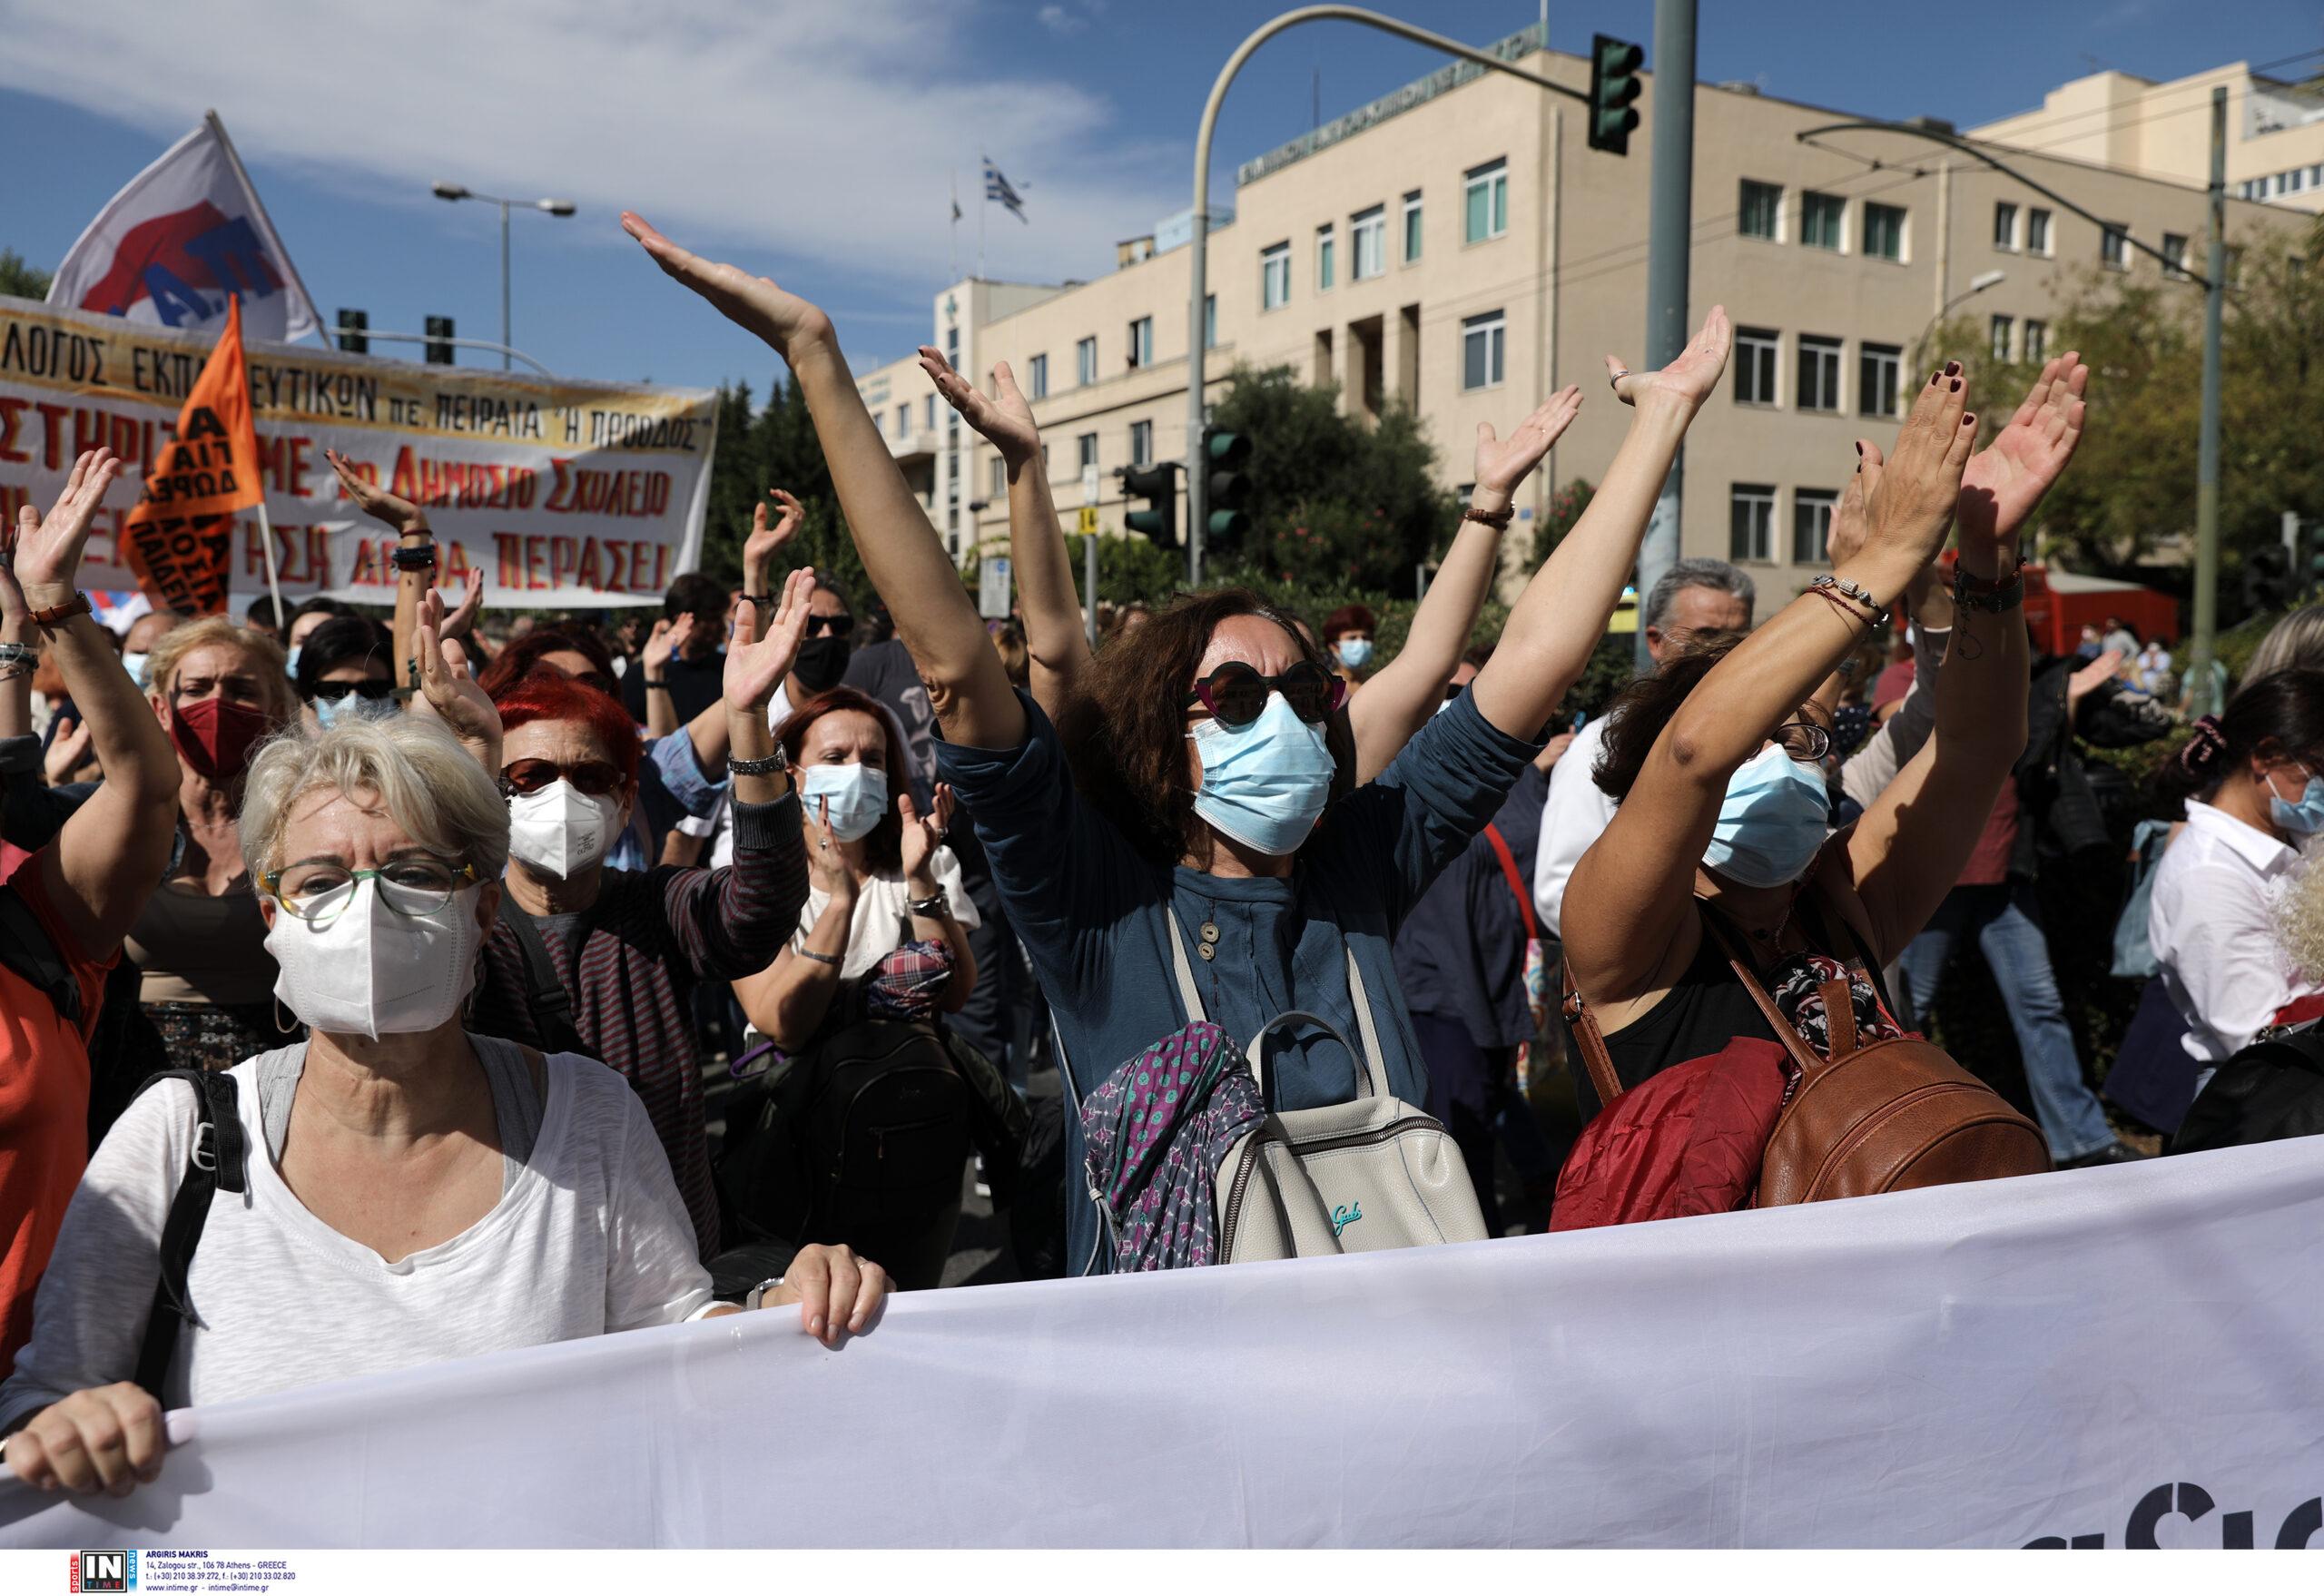 Μεγαλειώδης η πορεία των εκπαιδευτικών στο κέντρο της Αθήνας.